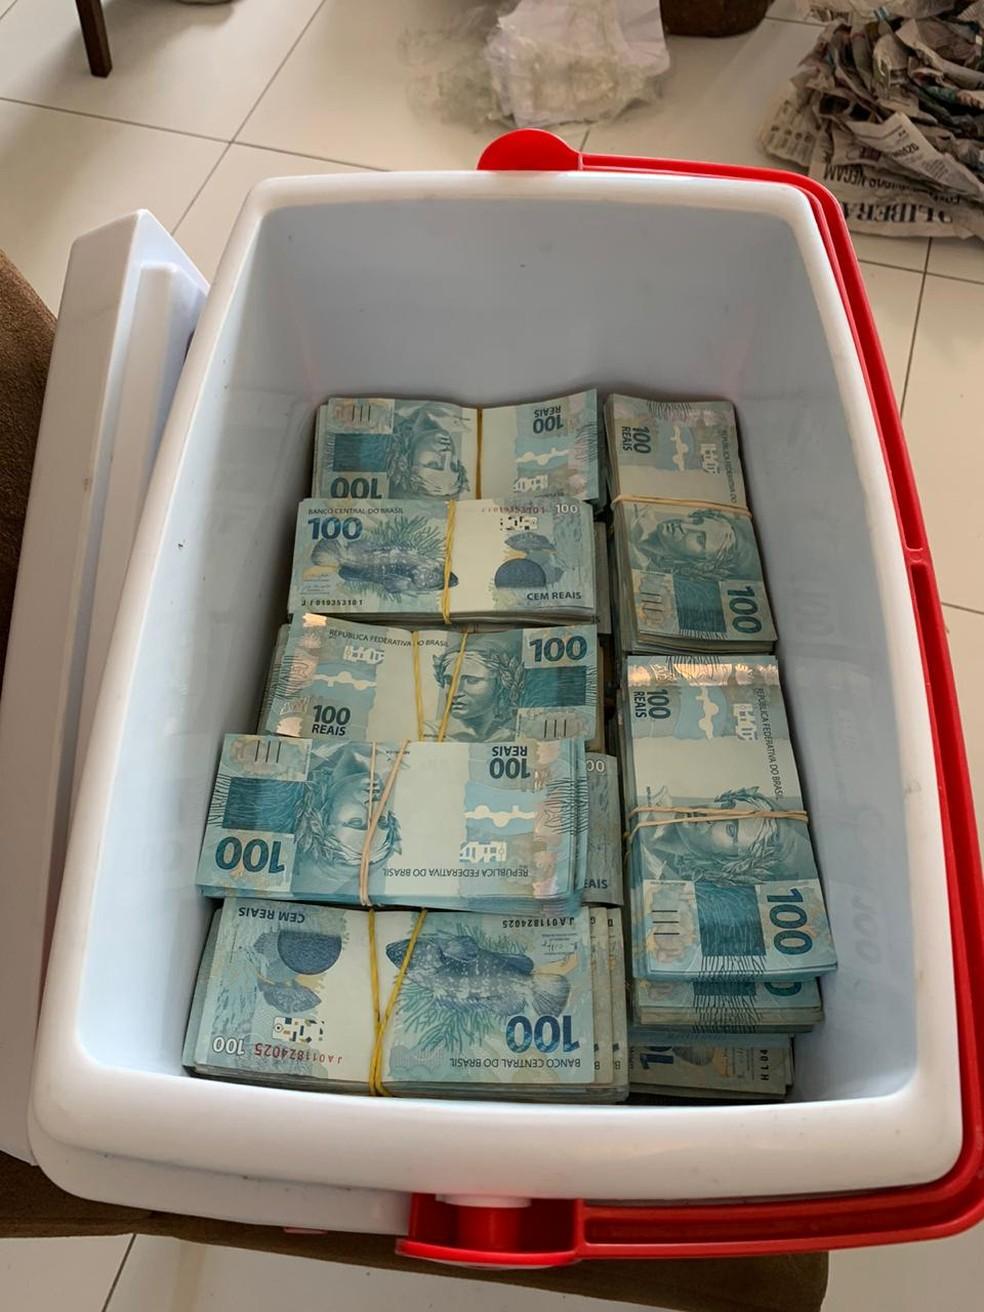 Polícia Federal apreendeu R$ 750 mil durante operação que investiga fraudes na compra de respiradores no Pará. — Foto: Polícia Federal